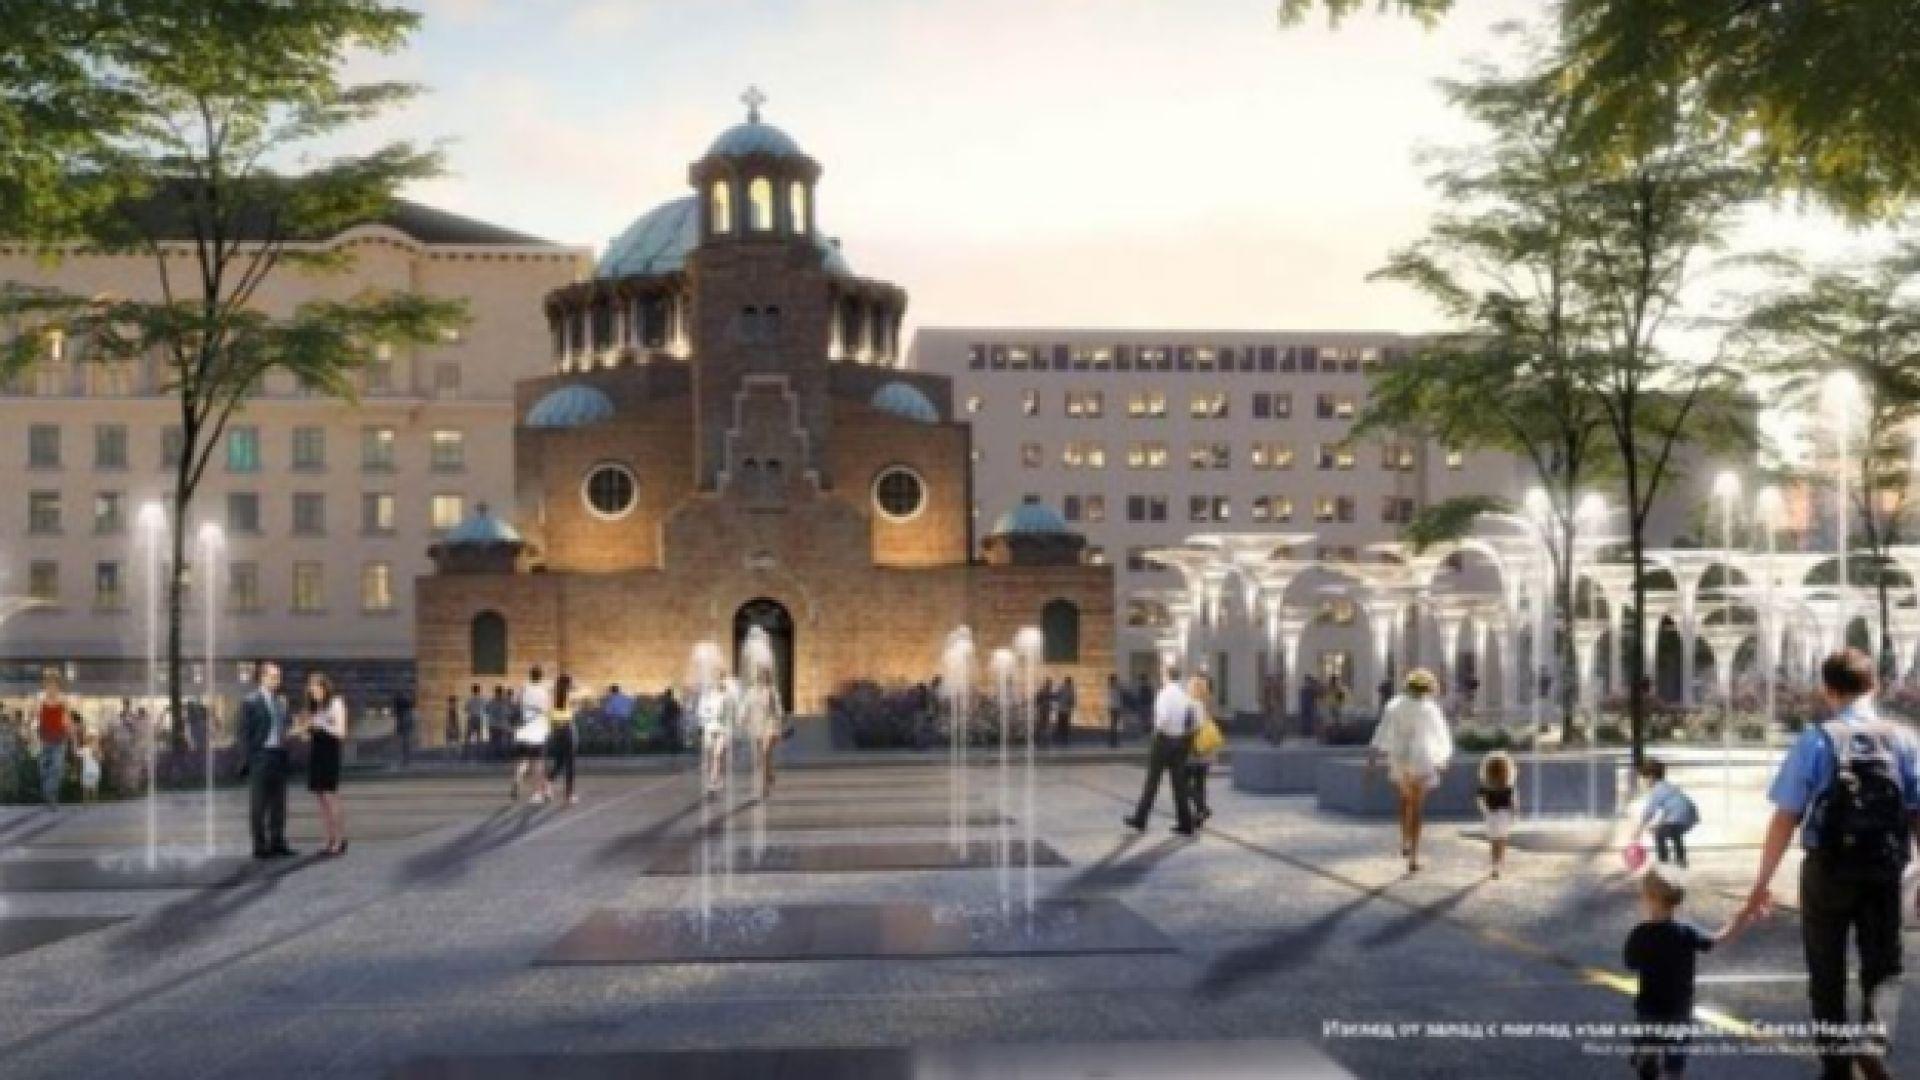 """Започват новия площад """"Св. Неделя"""" през април 2022 г., показаха окончателния проект"""